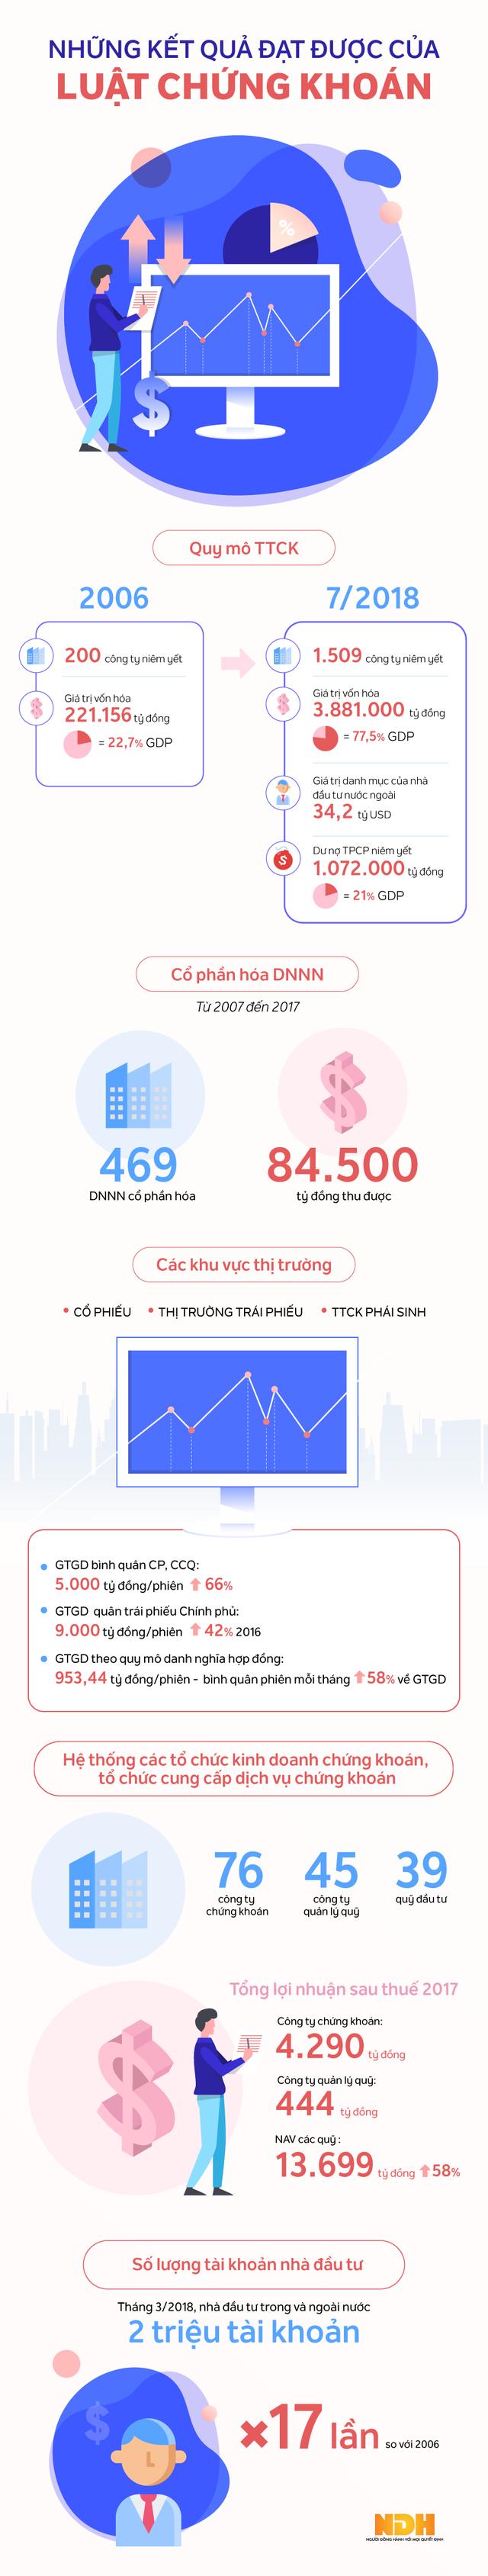 [Infographic] Luật Chứng khoán đã đạt những những kết quả gì trong một số năm qua? - Ảnh 1.